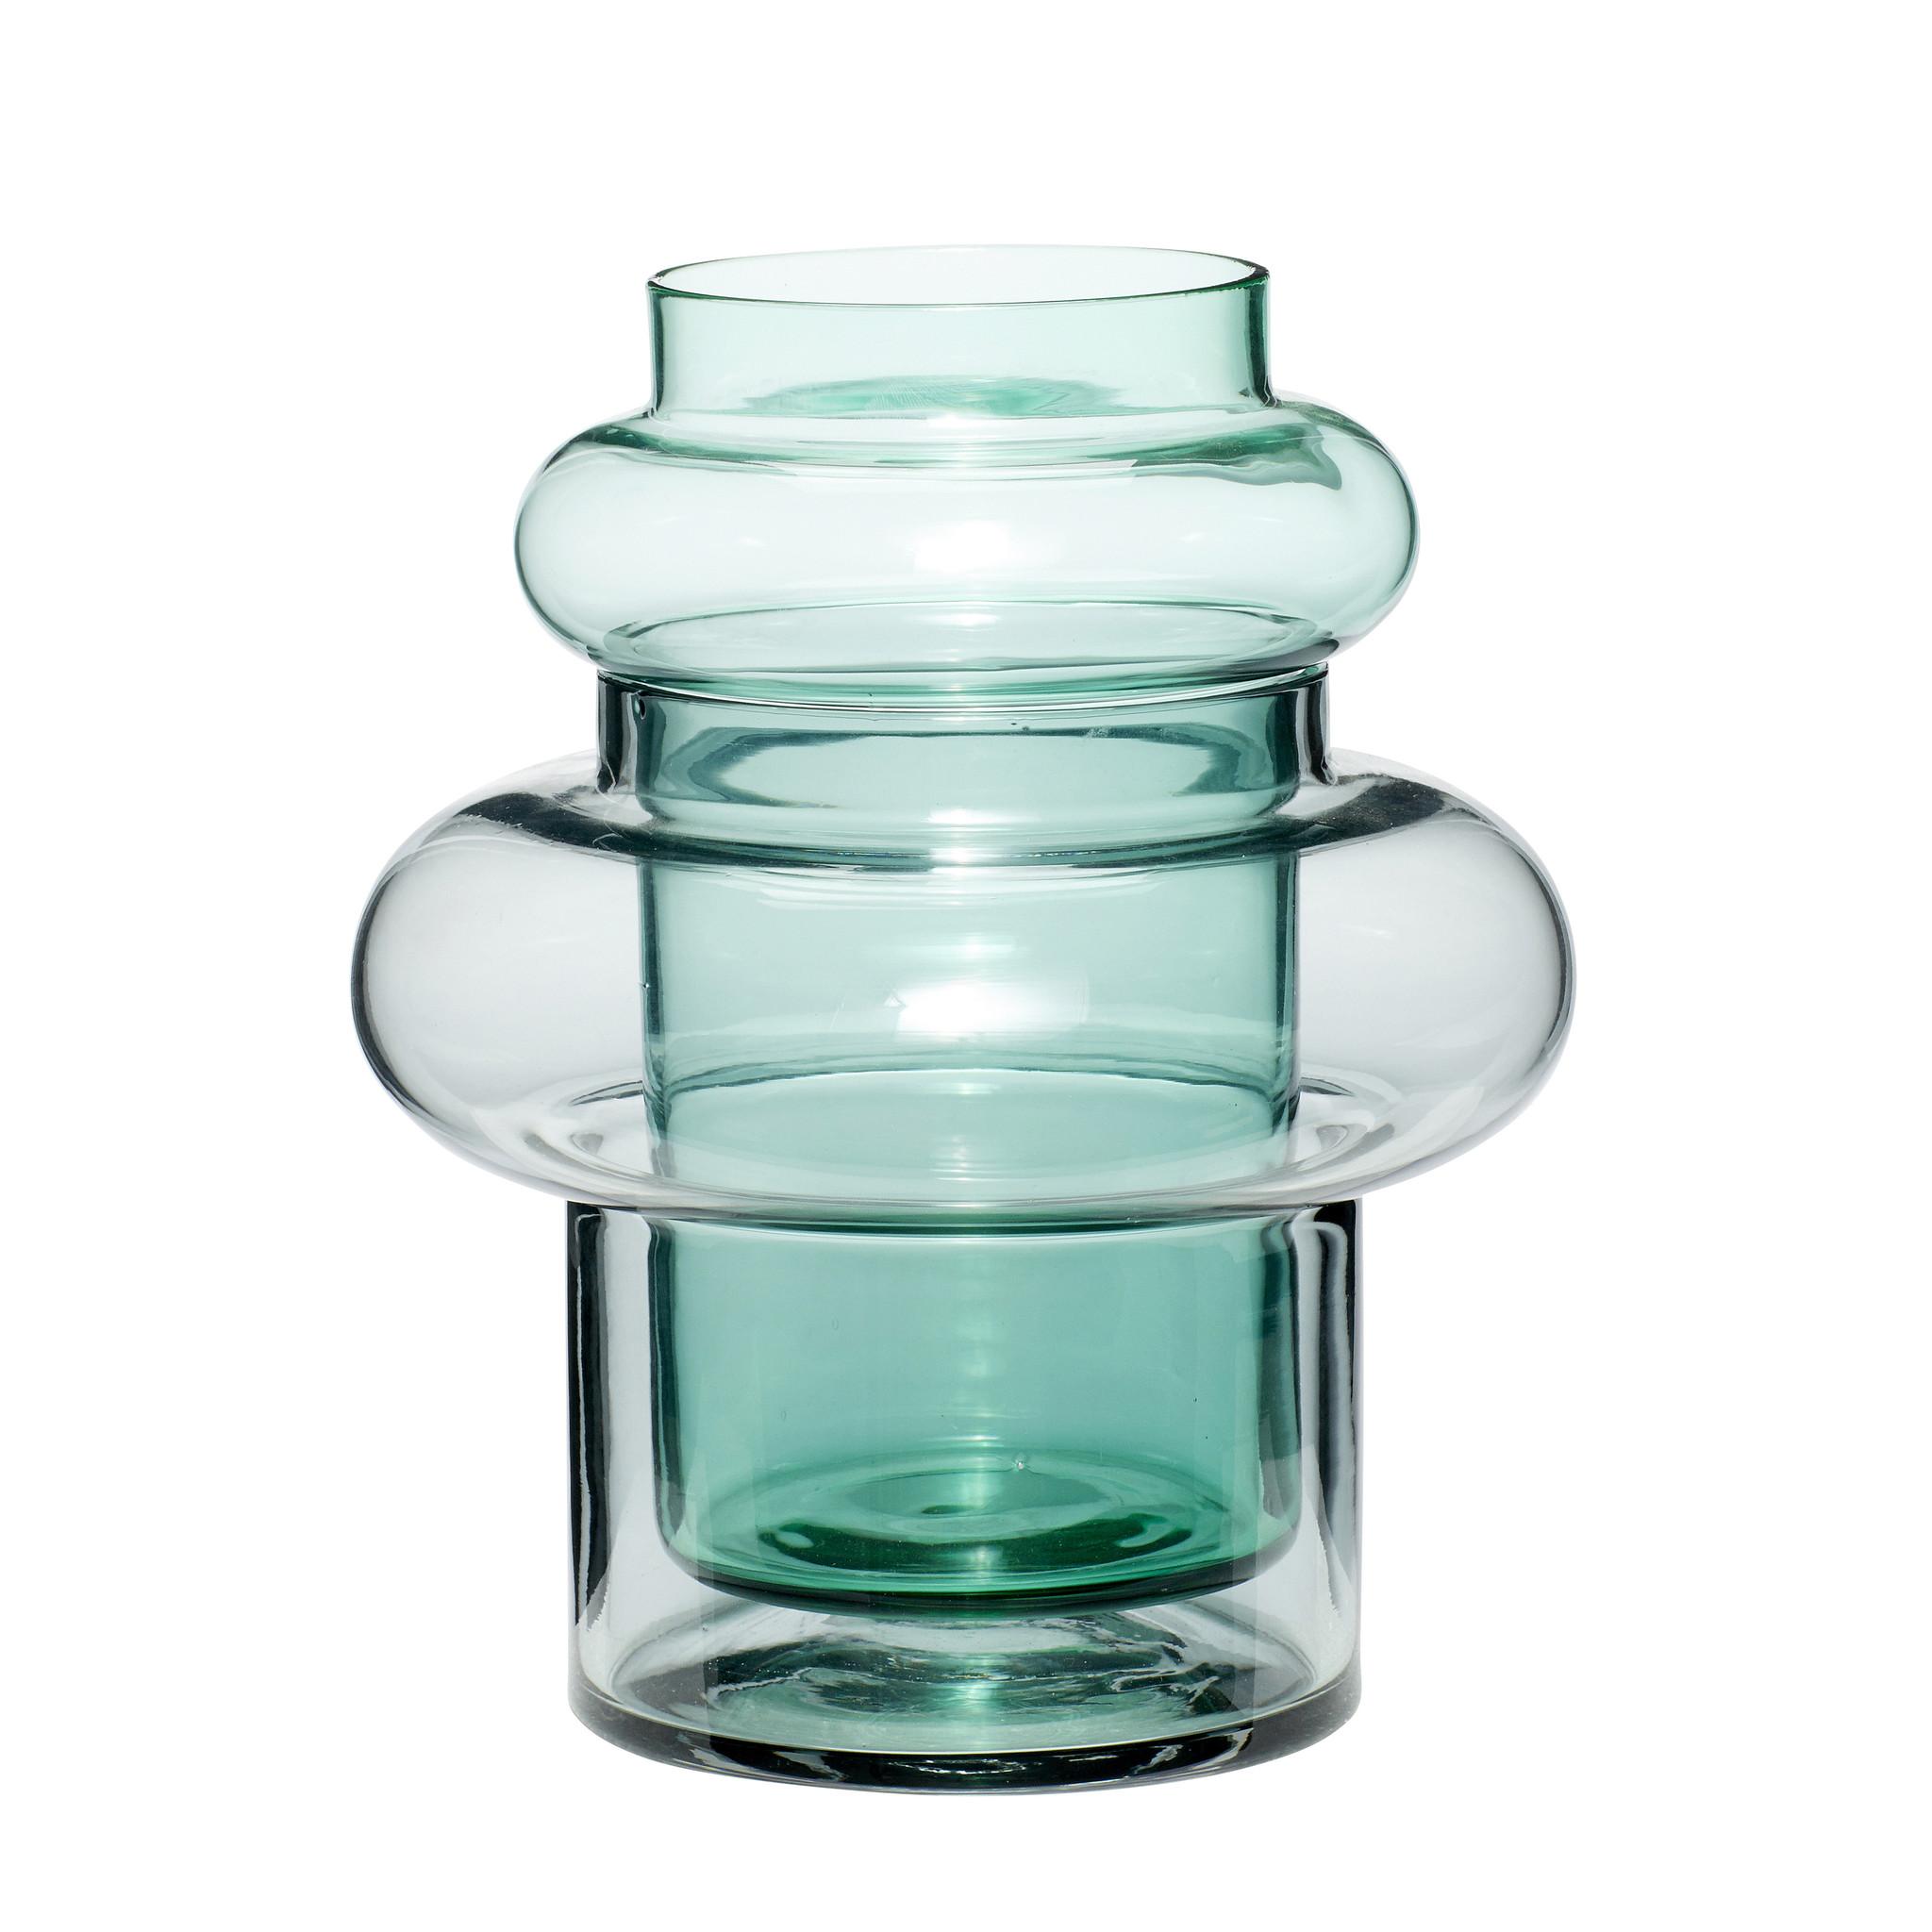 Hubsch Vaas, glas, groen / gerookt